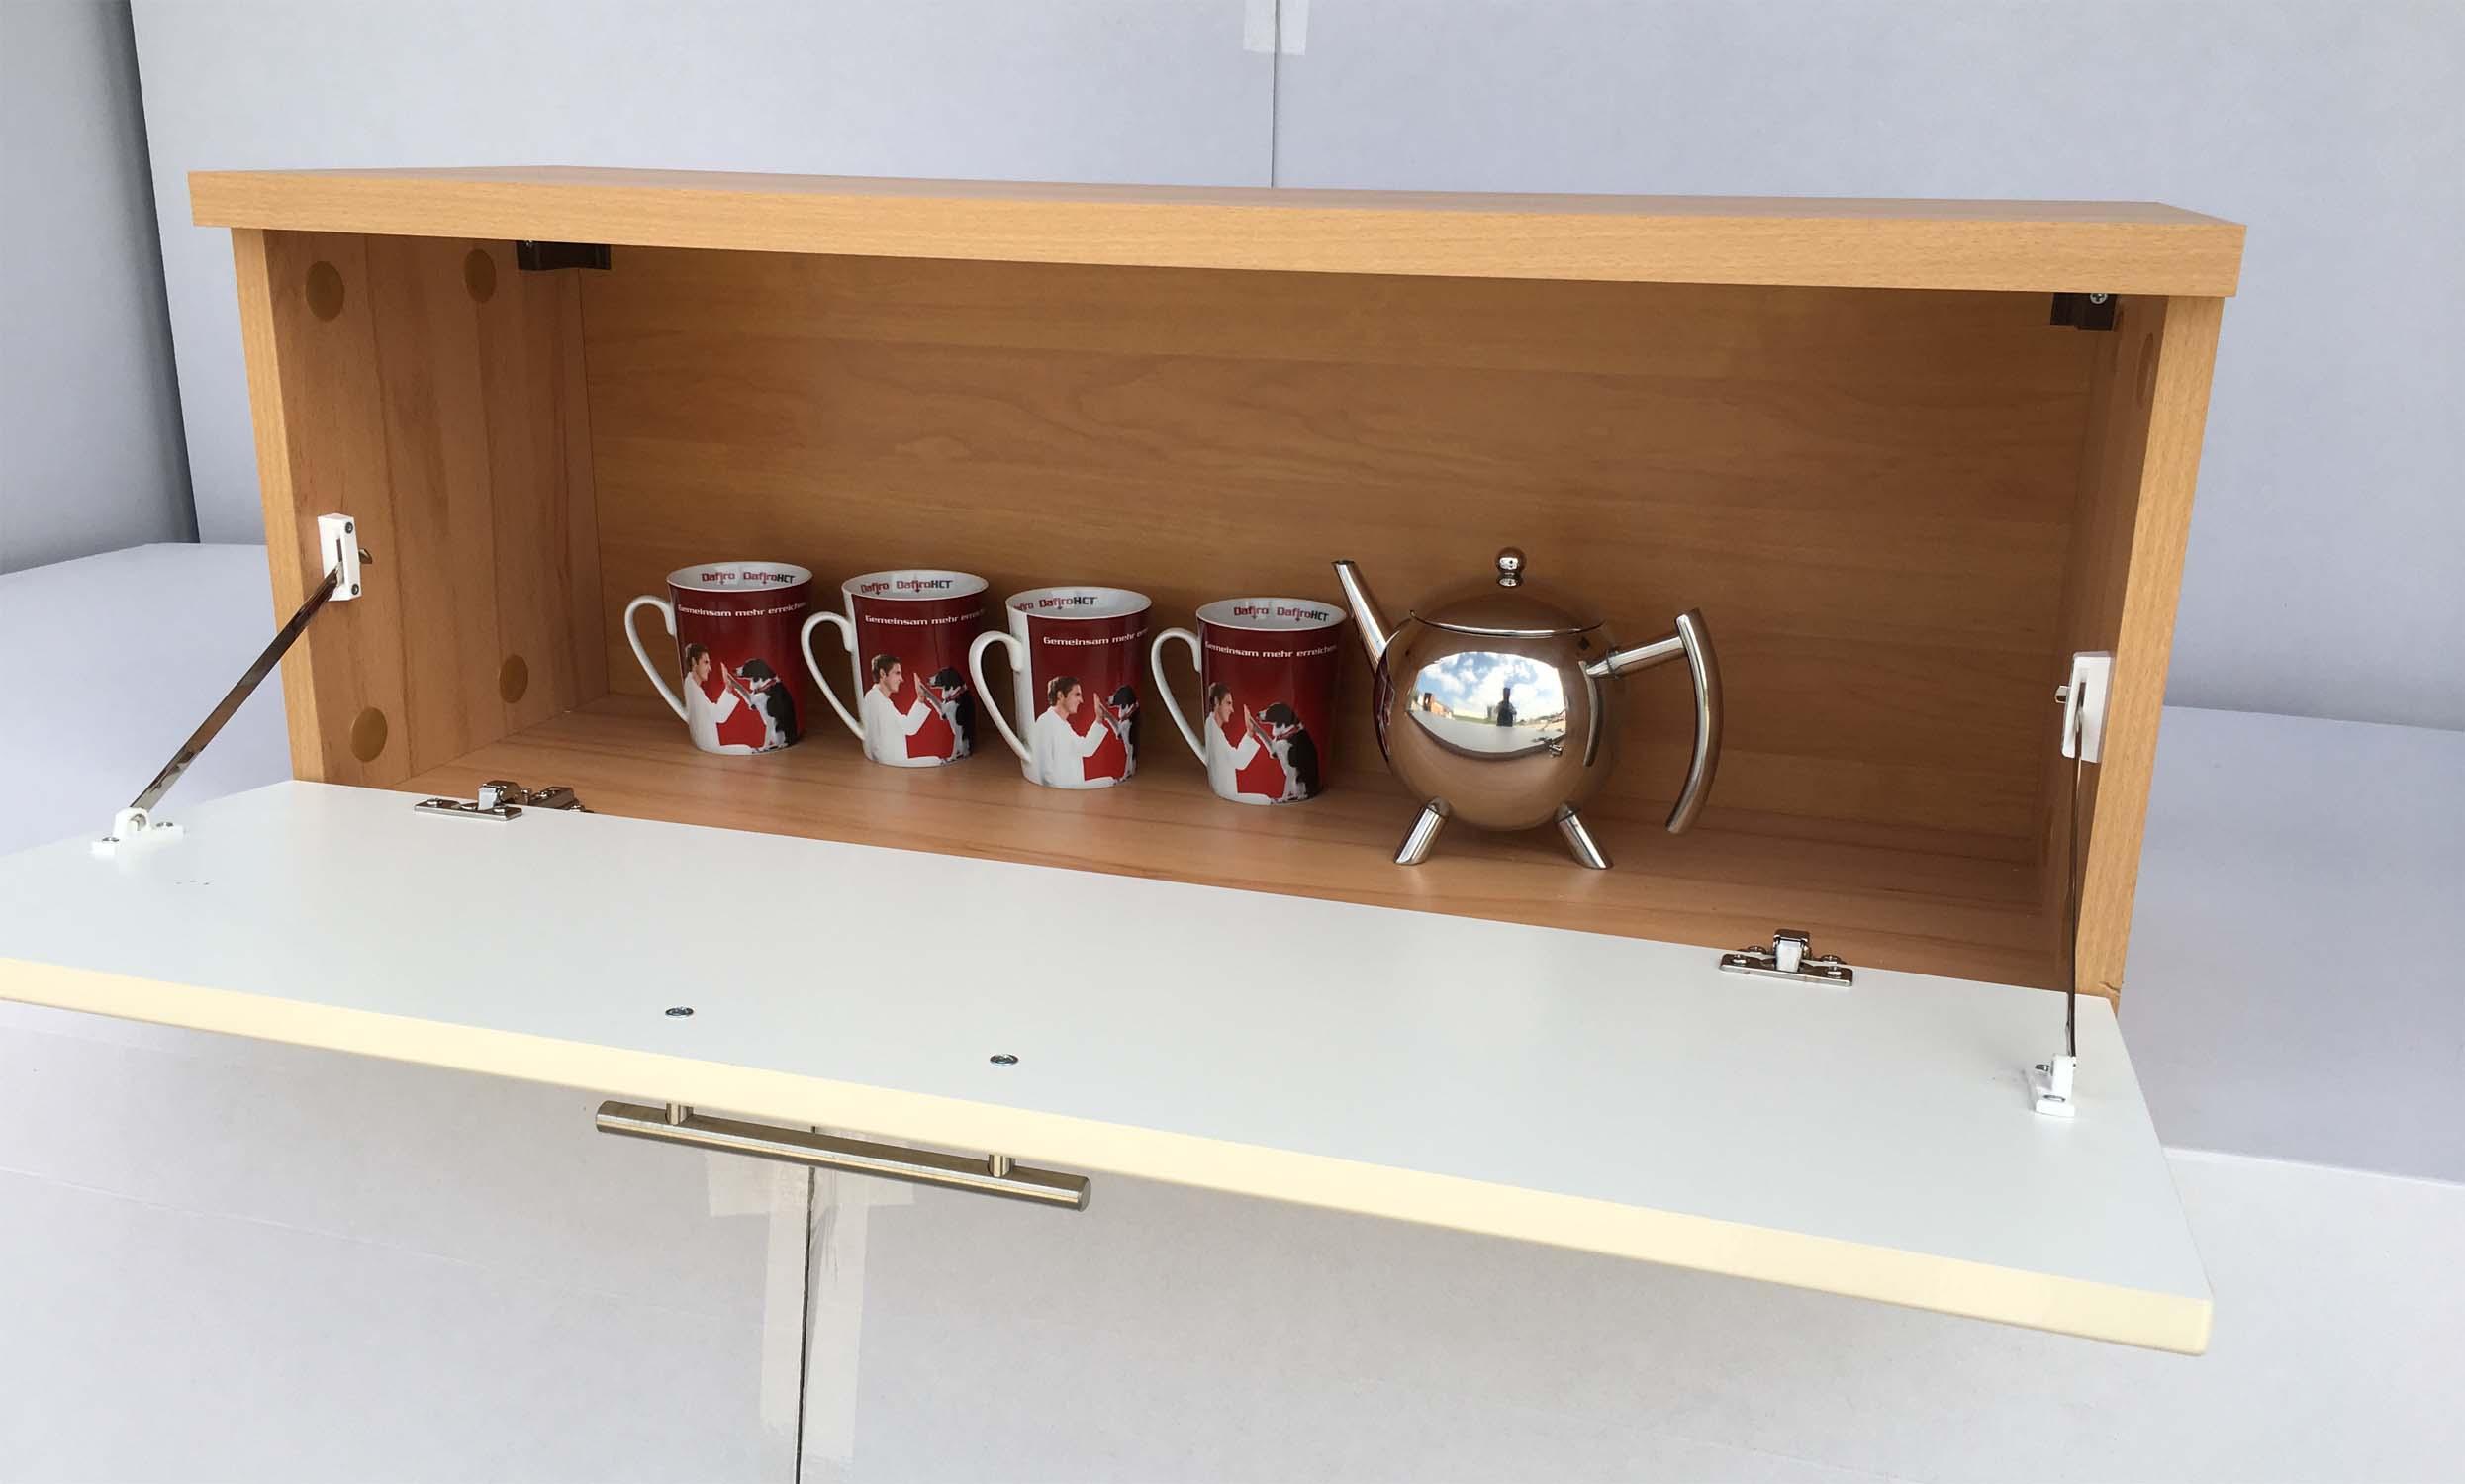 h ngeschrank wandschrank k chenschrank schrank kernbuche elfenbein hochglanz ebay. Black Bedroom Furniture Sets. Home Design Ideas